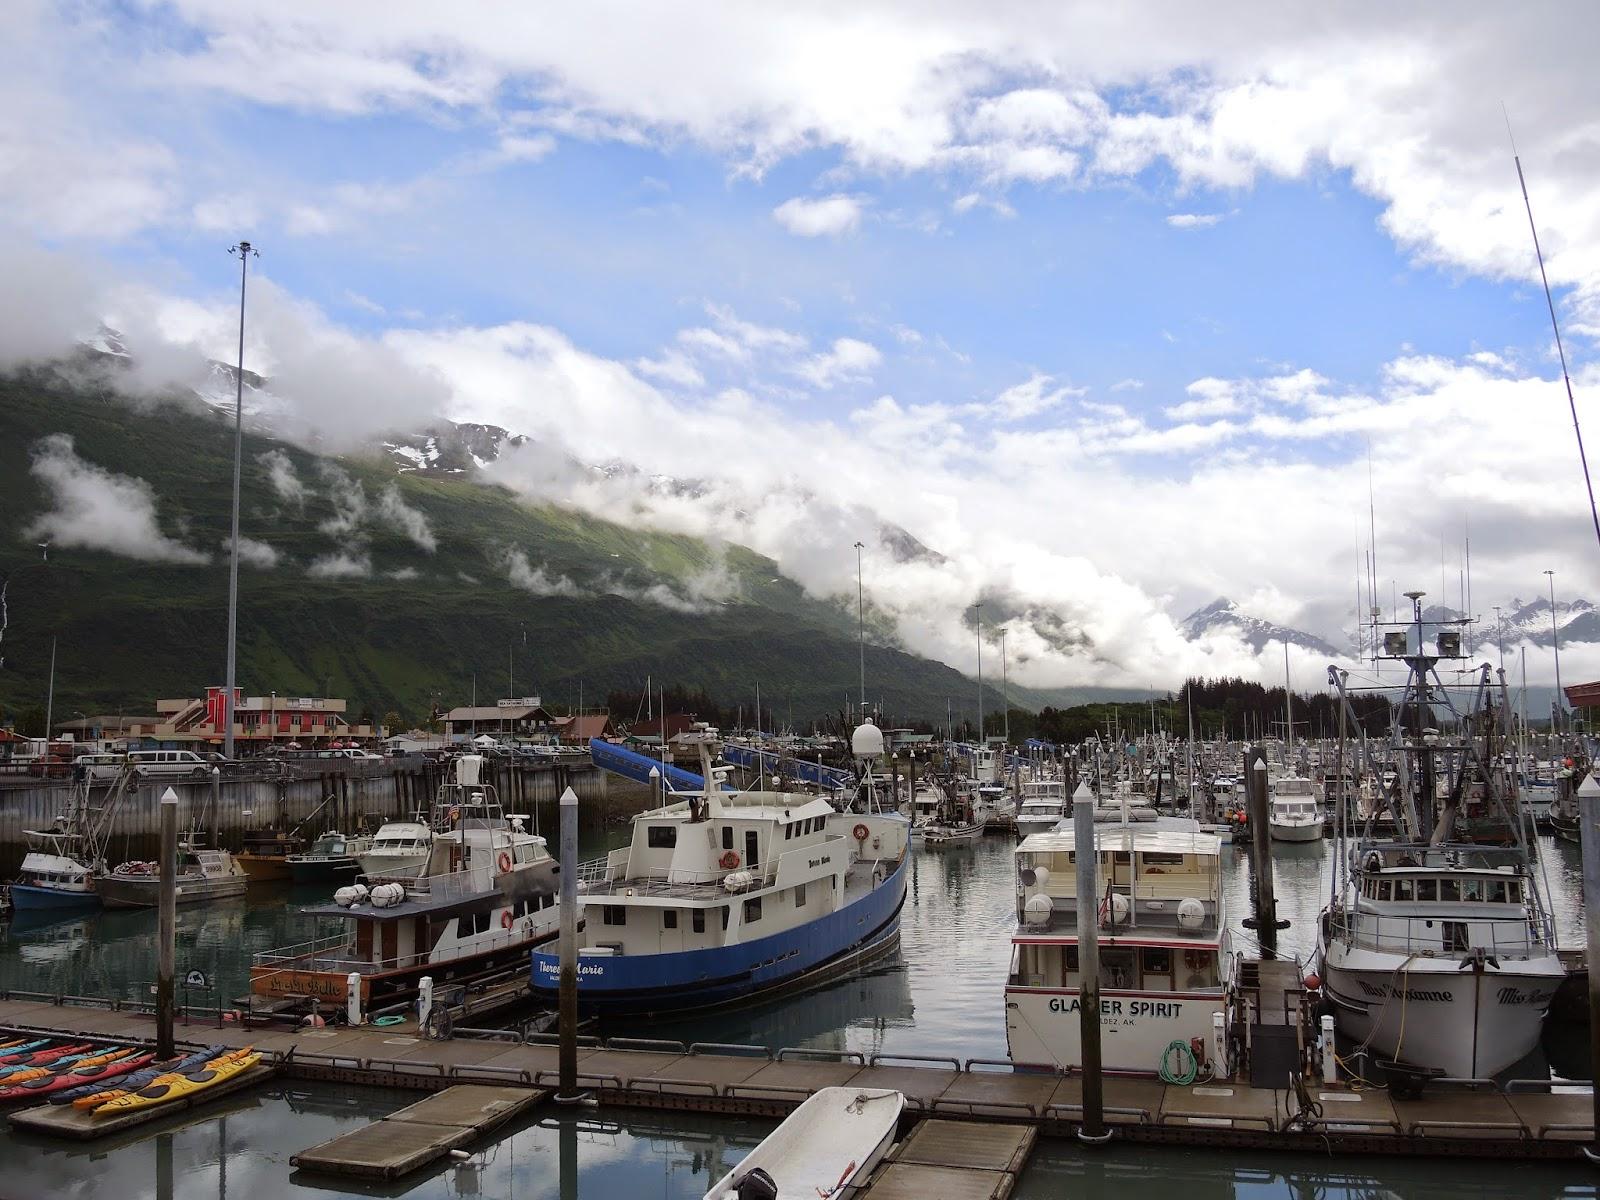 阿拉斯加自駕遊: Valdez 2日- Worthington glacier、Wrangell St Elias National Park